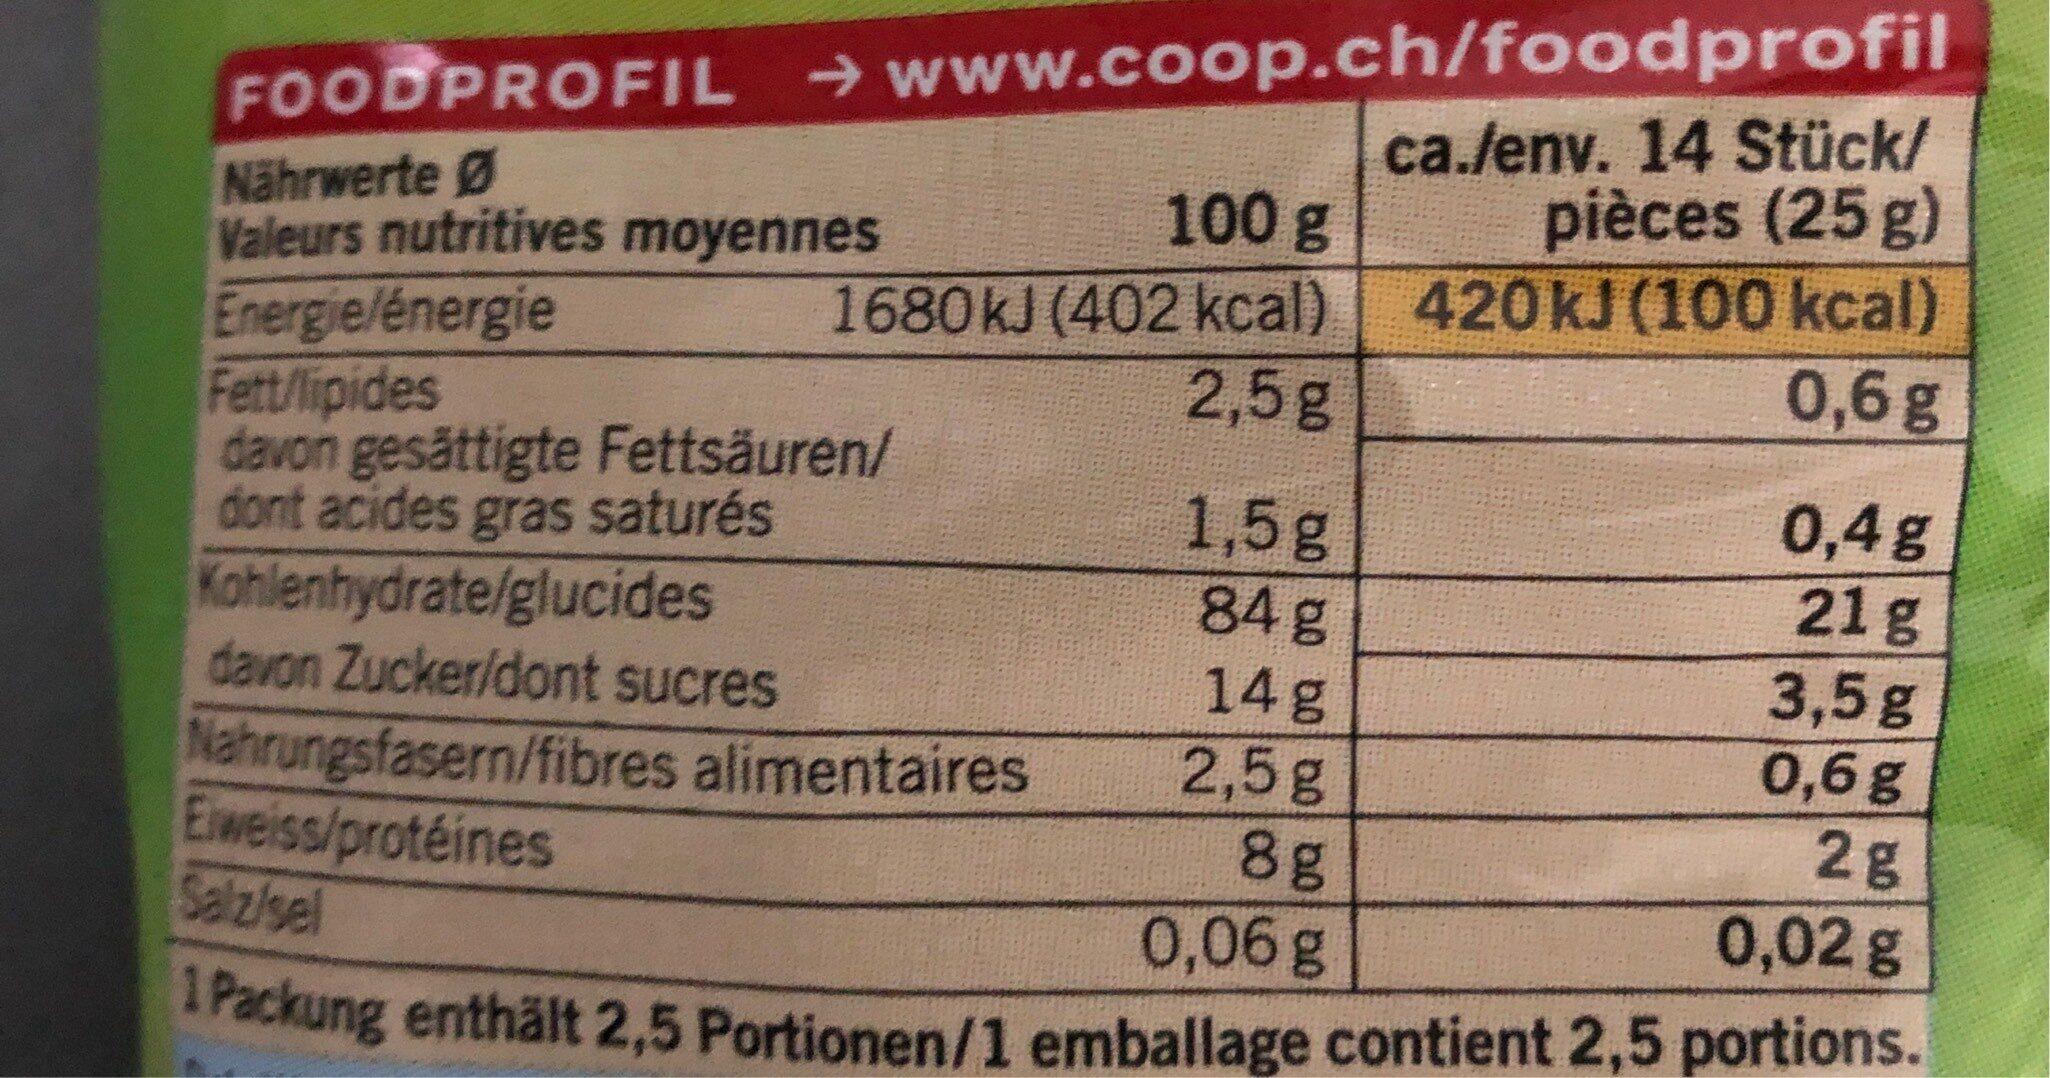 Jamadu galette de riz au miel - Informations nutritionnelles - fr